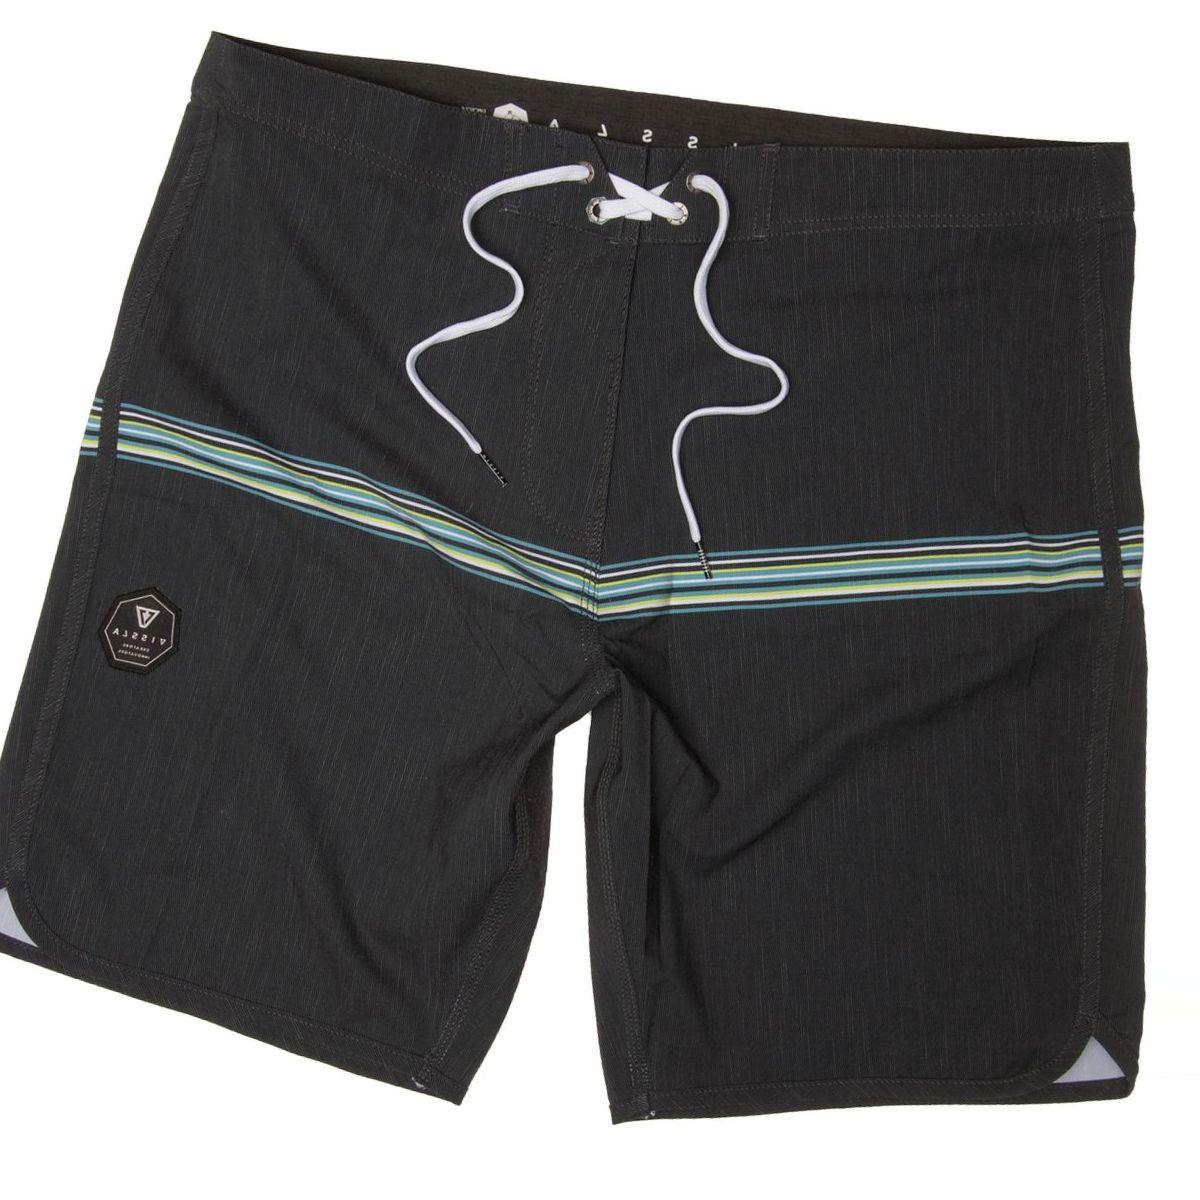 Vissla Dredges Board Short - Men's